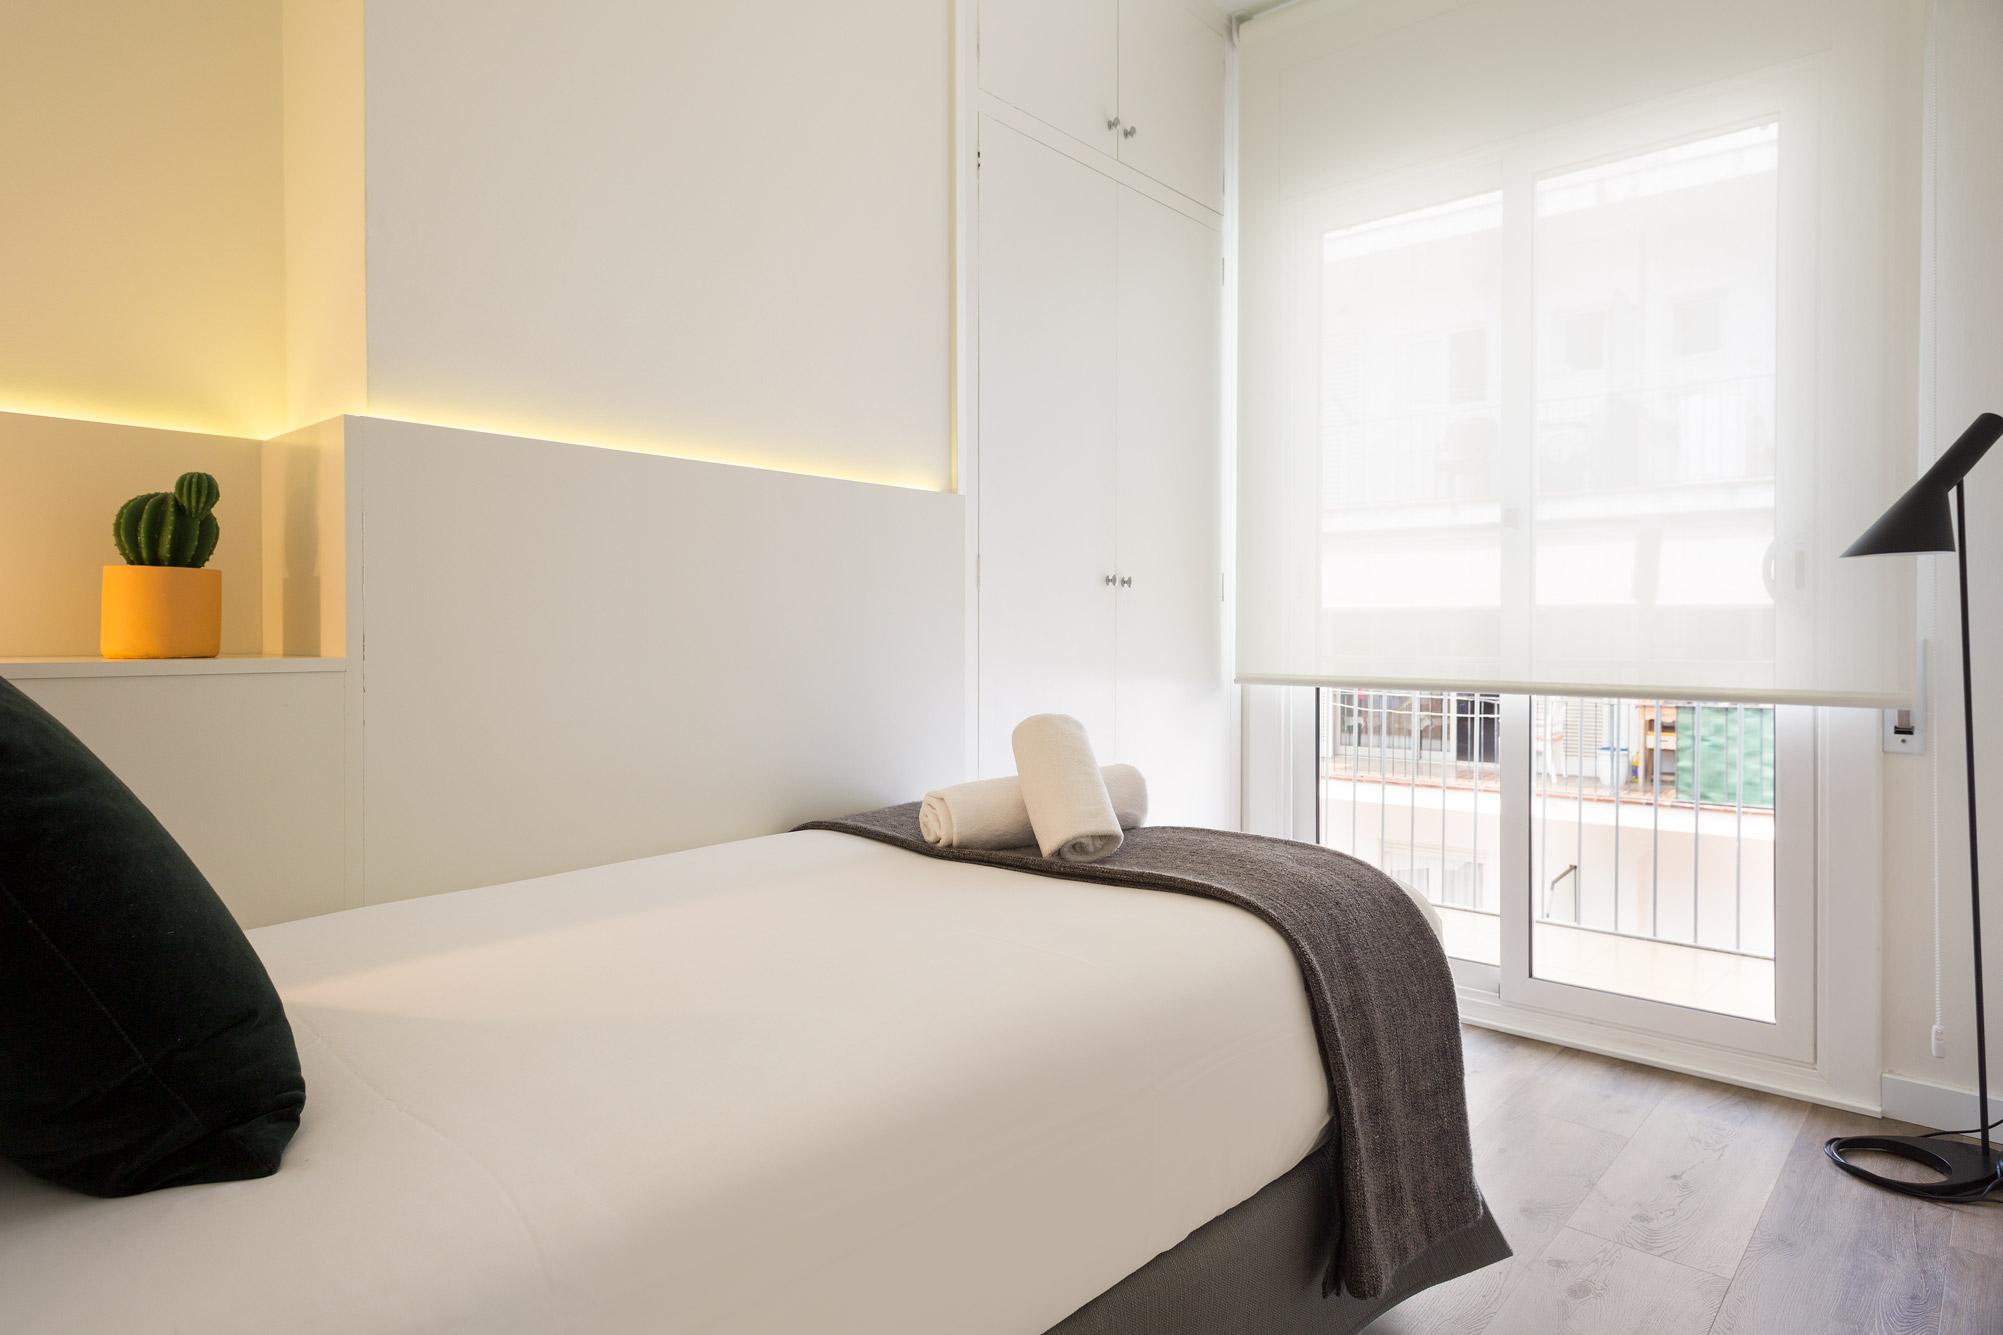 Appartement Sitges Calm Beach 2a